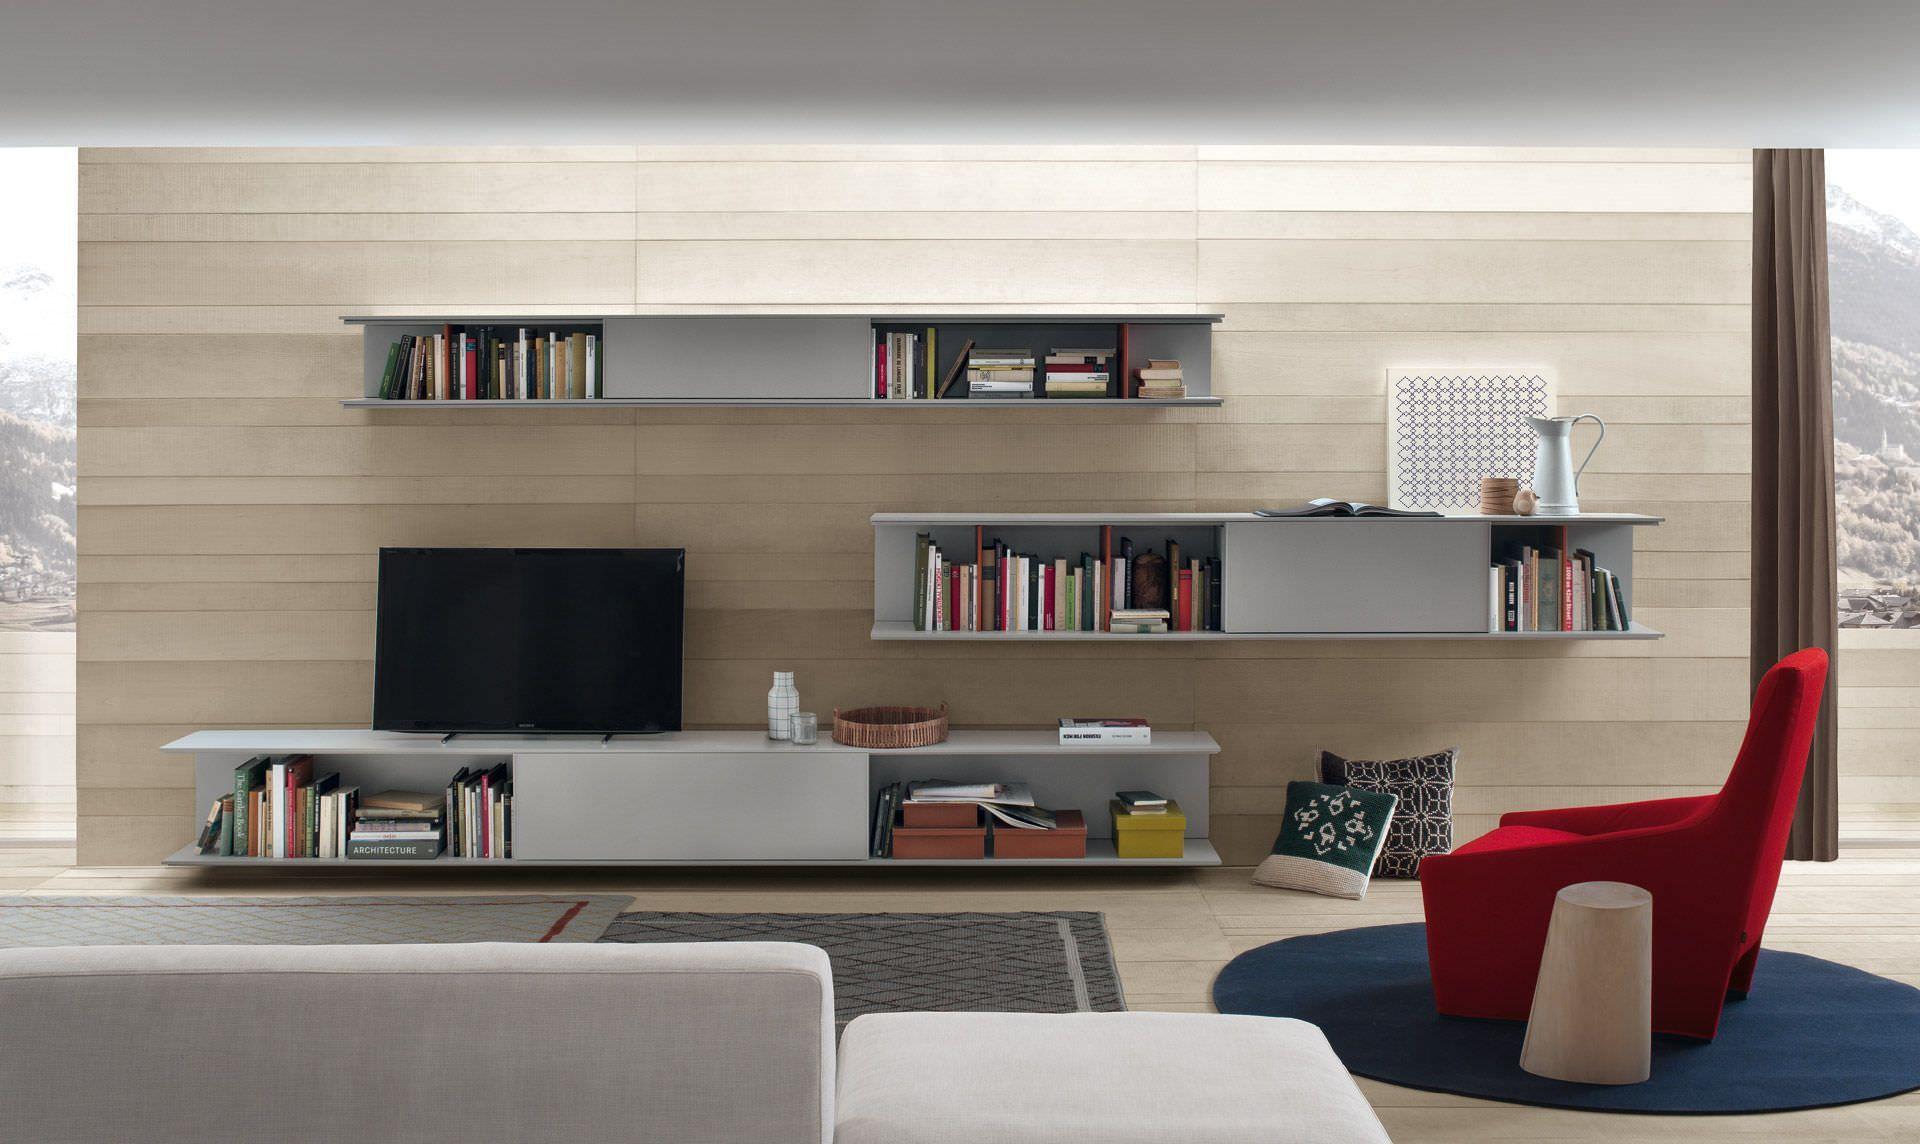 Adorable tv wall decor ideas 36